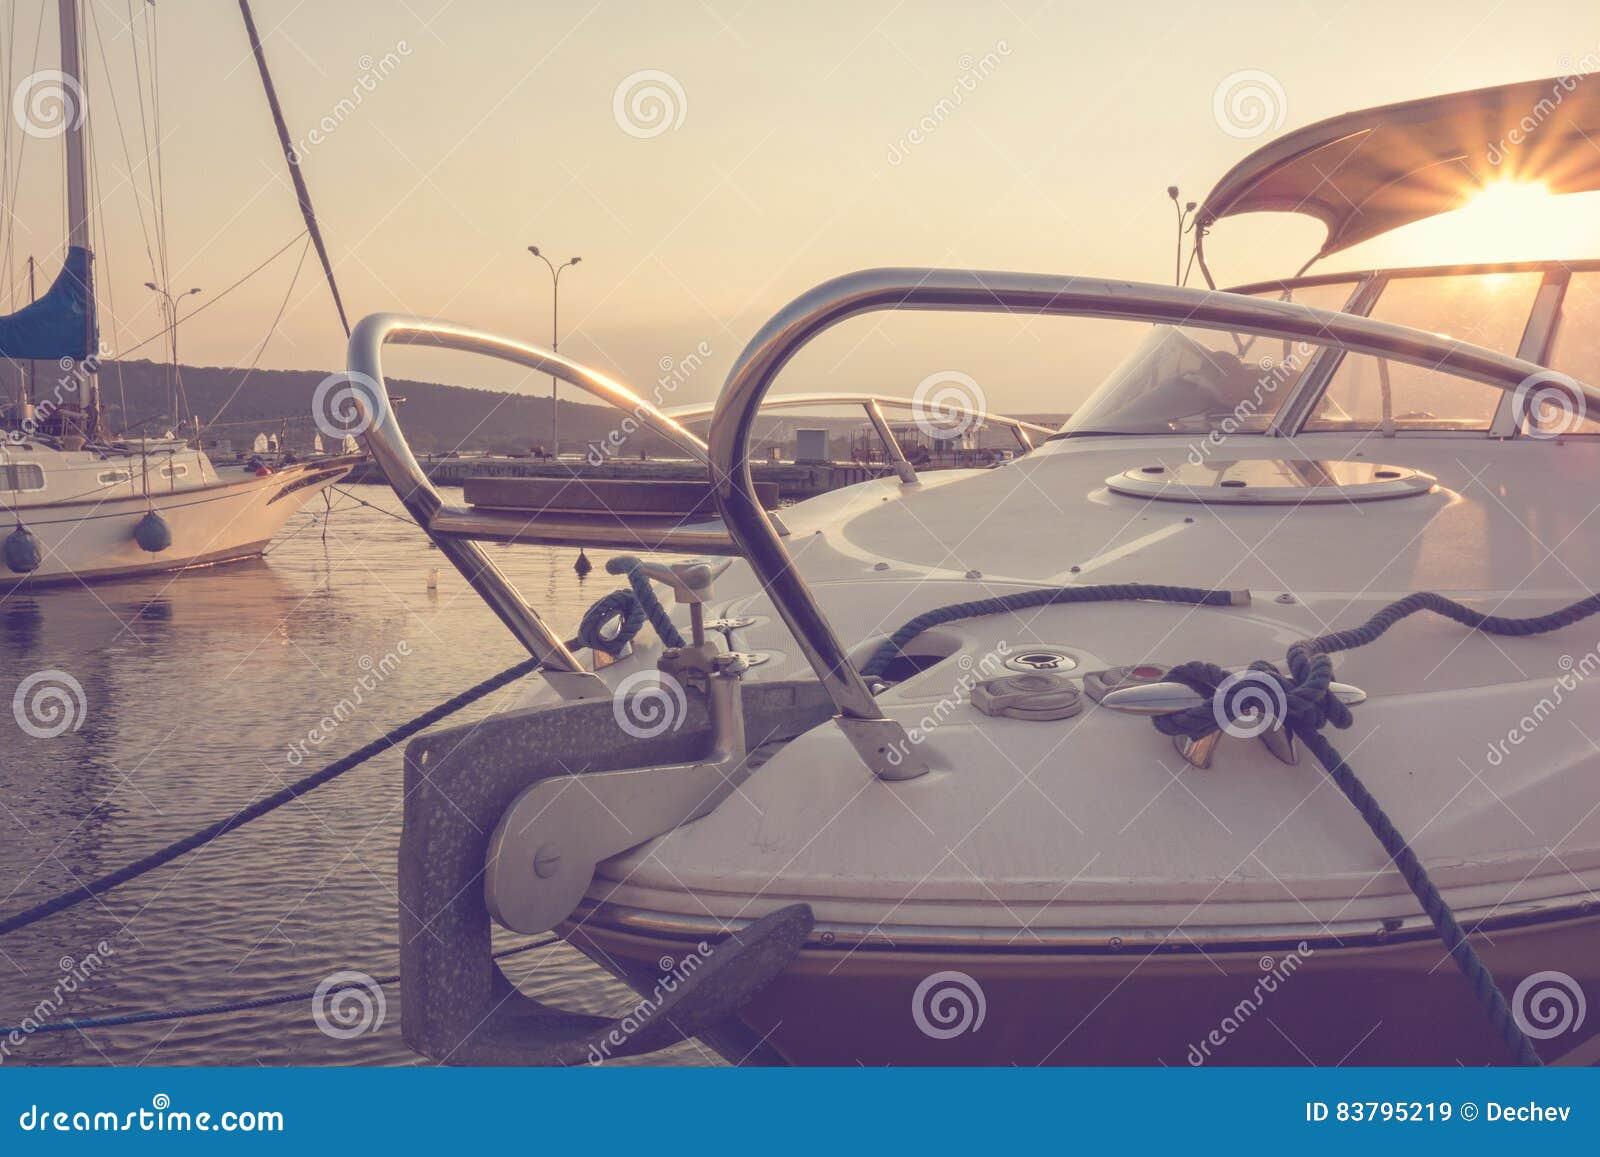 Jachthaven met gedokte jachten bij de zonsondergang yachting sailing reis concept Vakantie